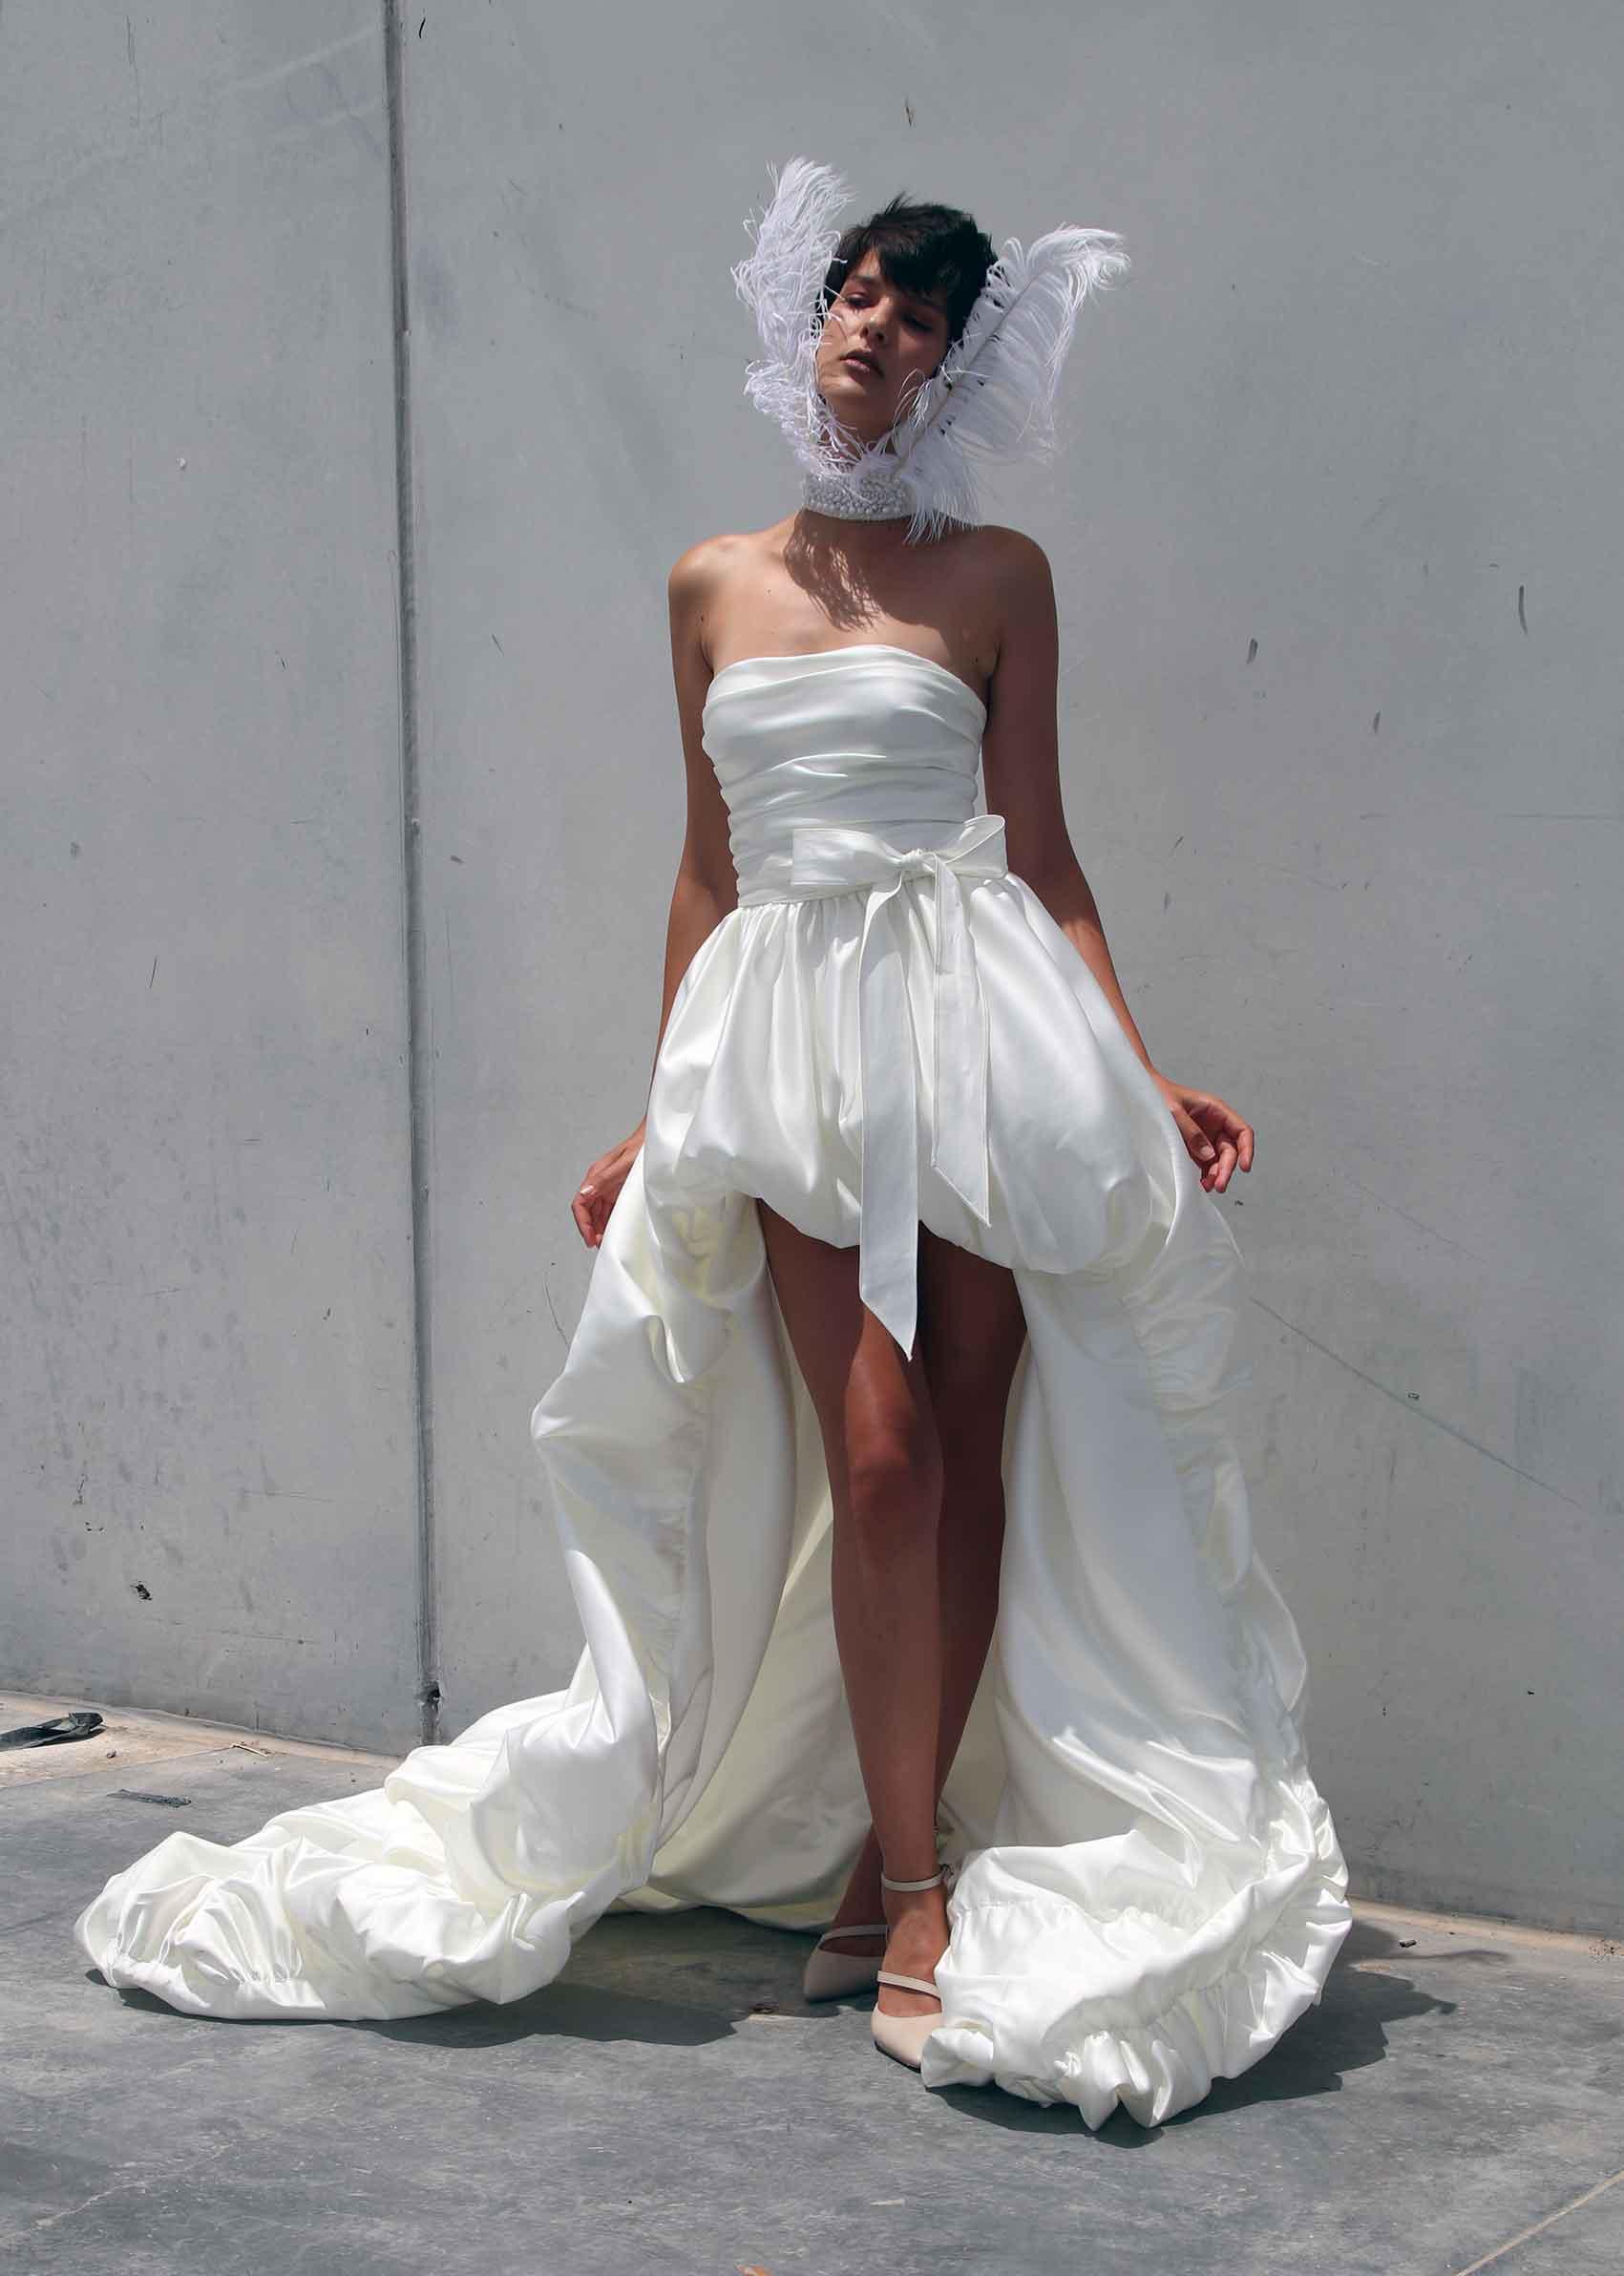 אלון-ליבנה-שמלות-כלה-אופנת-נשים---4  Trends, סטייל, כתבות אופנה, טרנדים, אופנת נשים, Style,, אופנה ישראלית